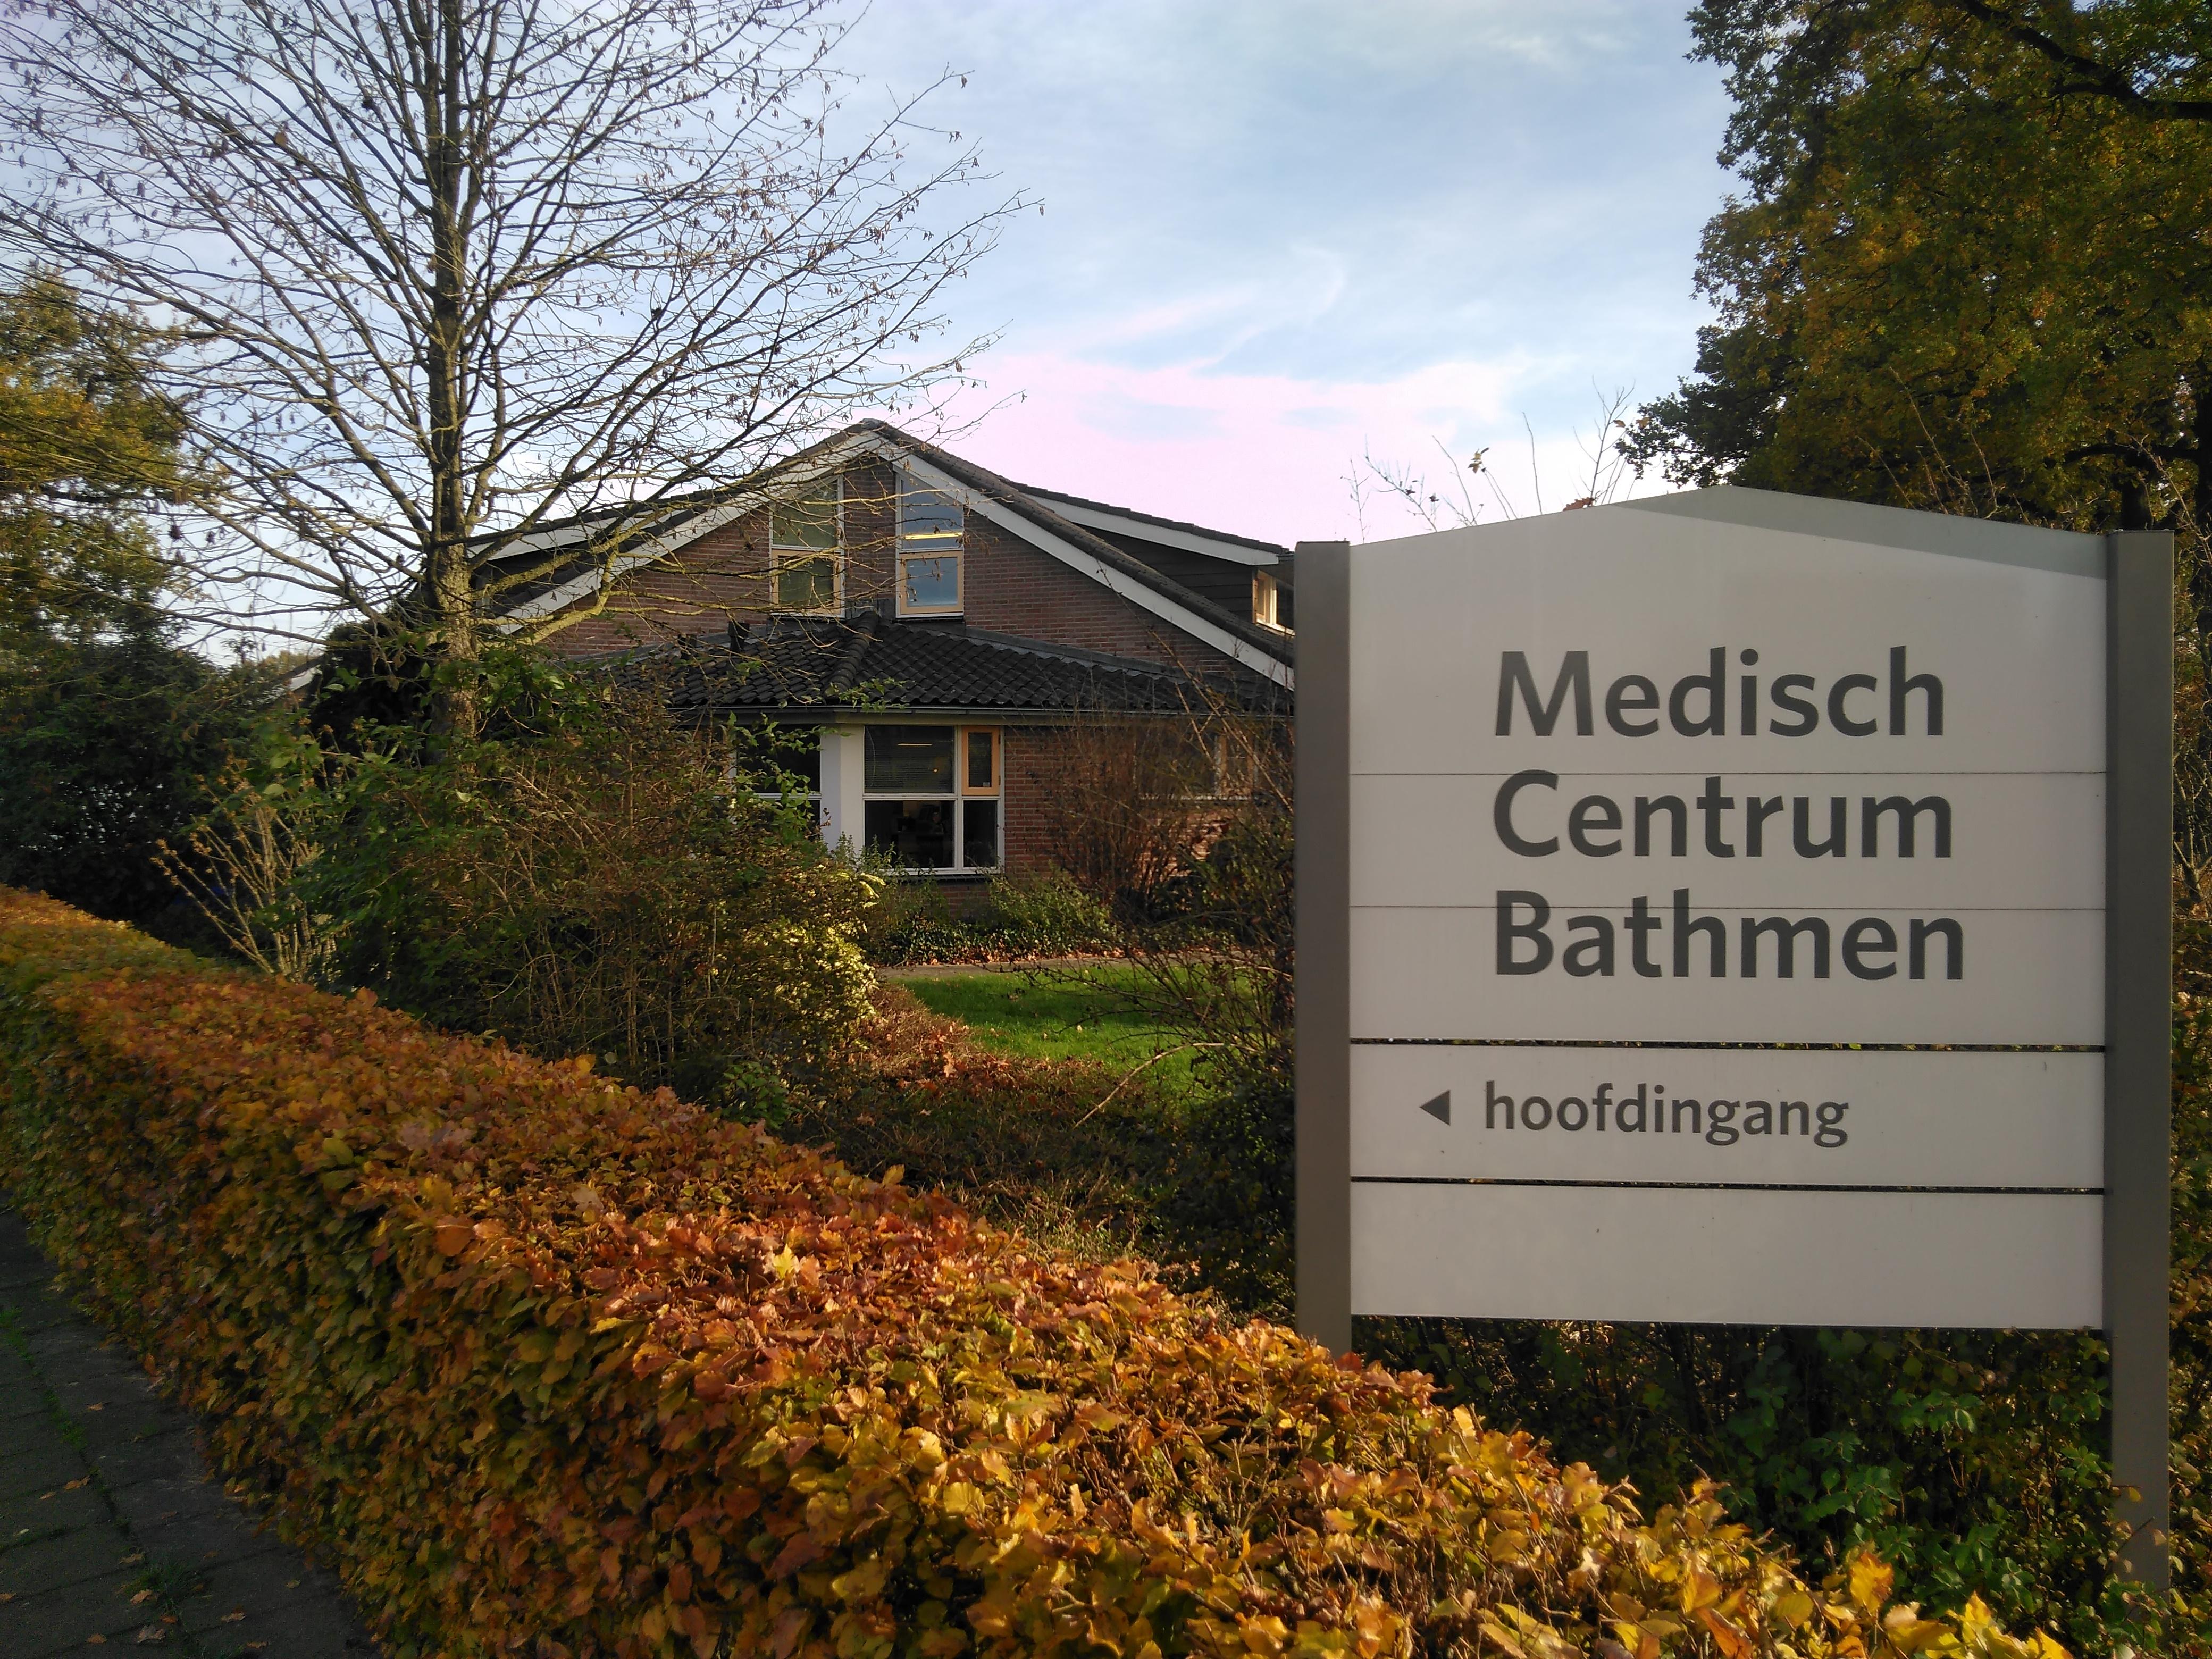 MJOP voor Medisch Centrum Bathmen